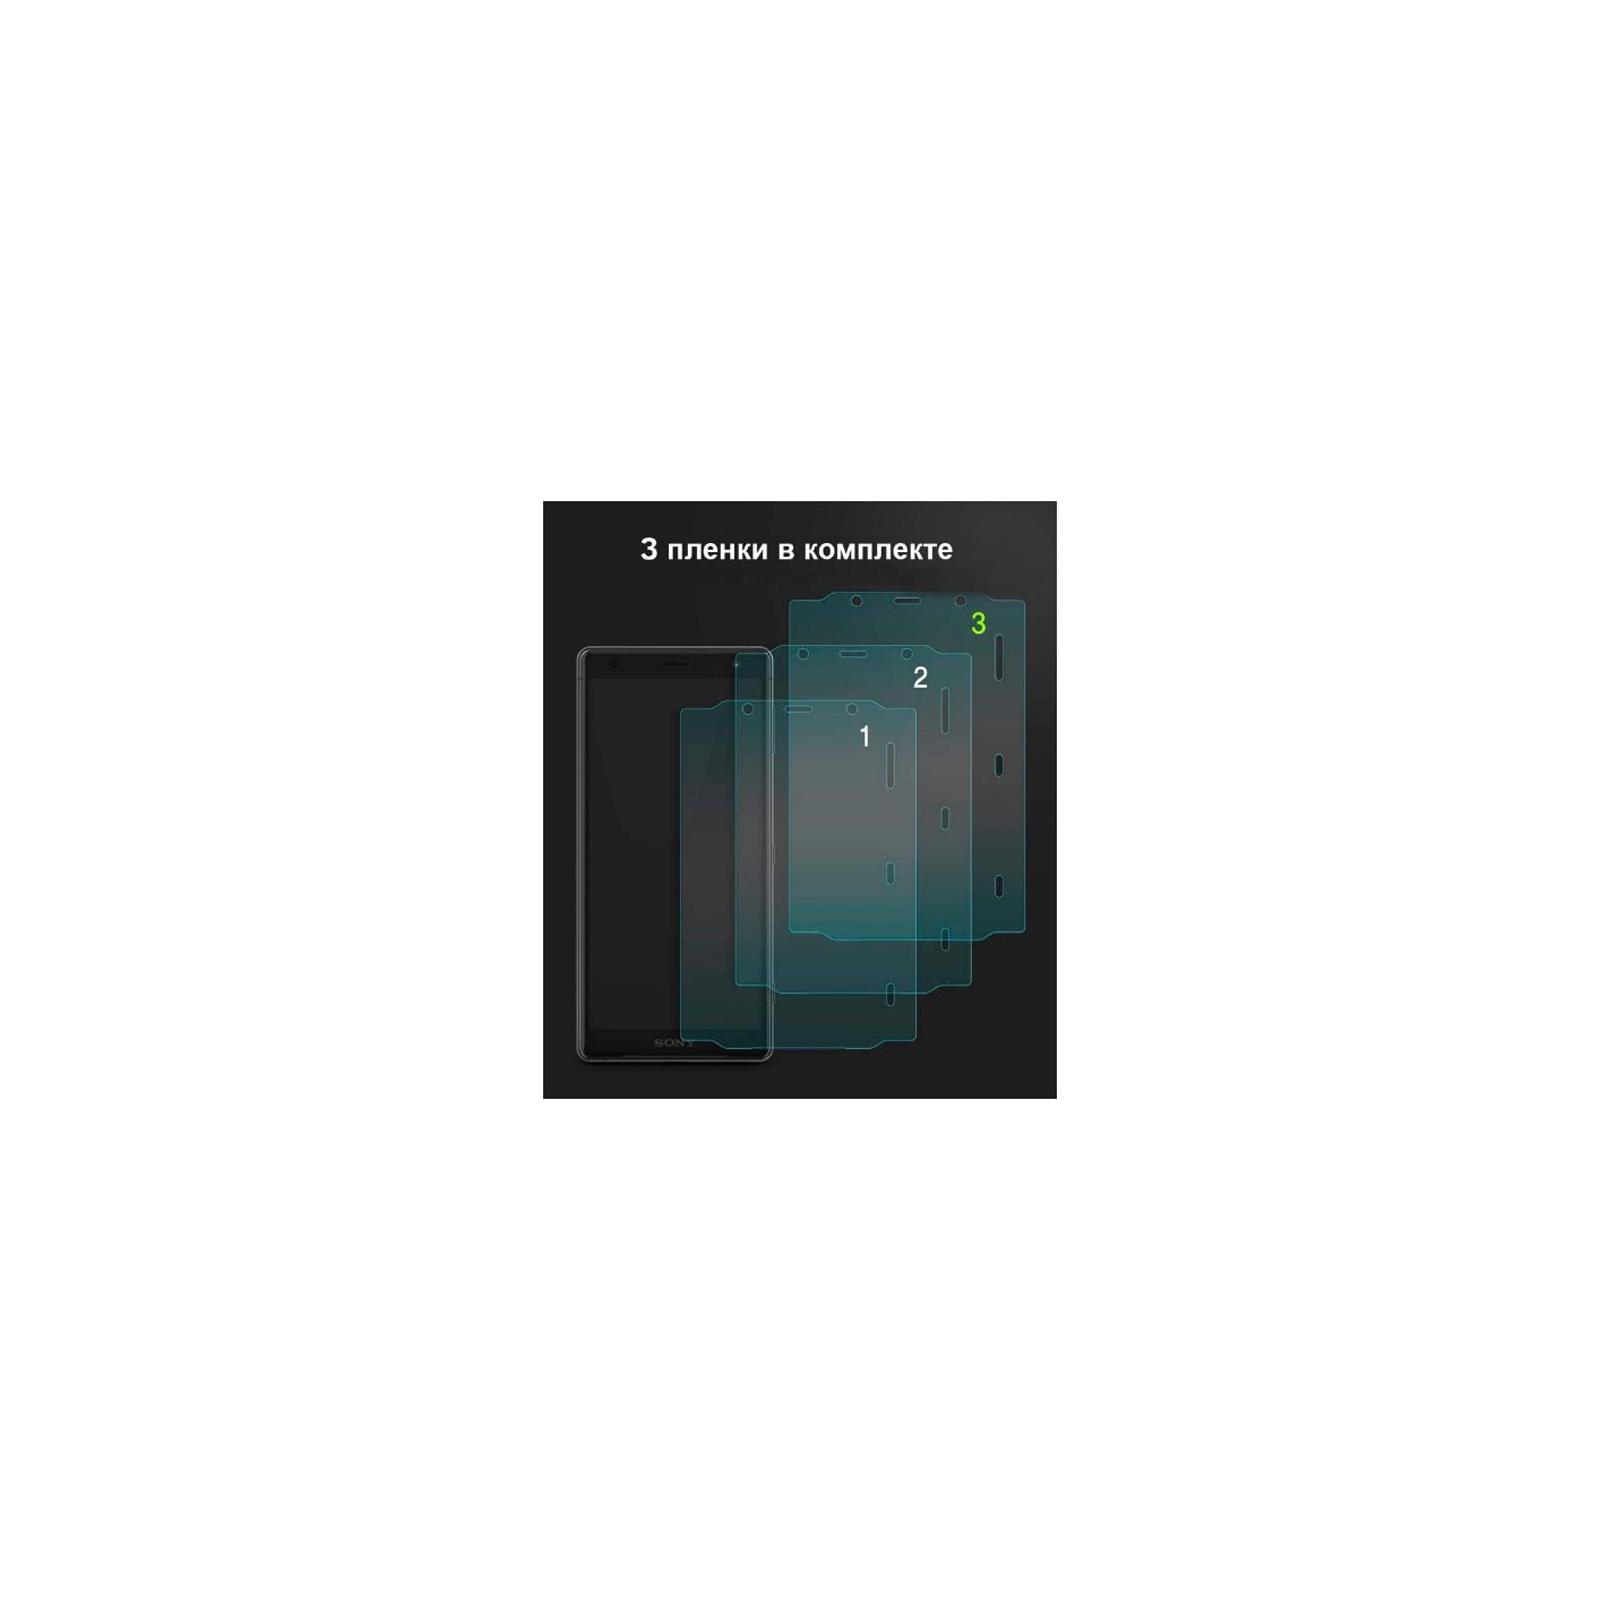 Пленка защитная Ringke для телефона Sony Xperia XZ2 Compact Full Cover (RSP4456) изображение 3